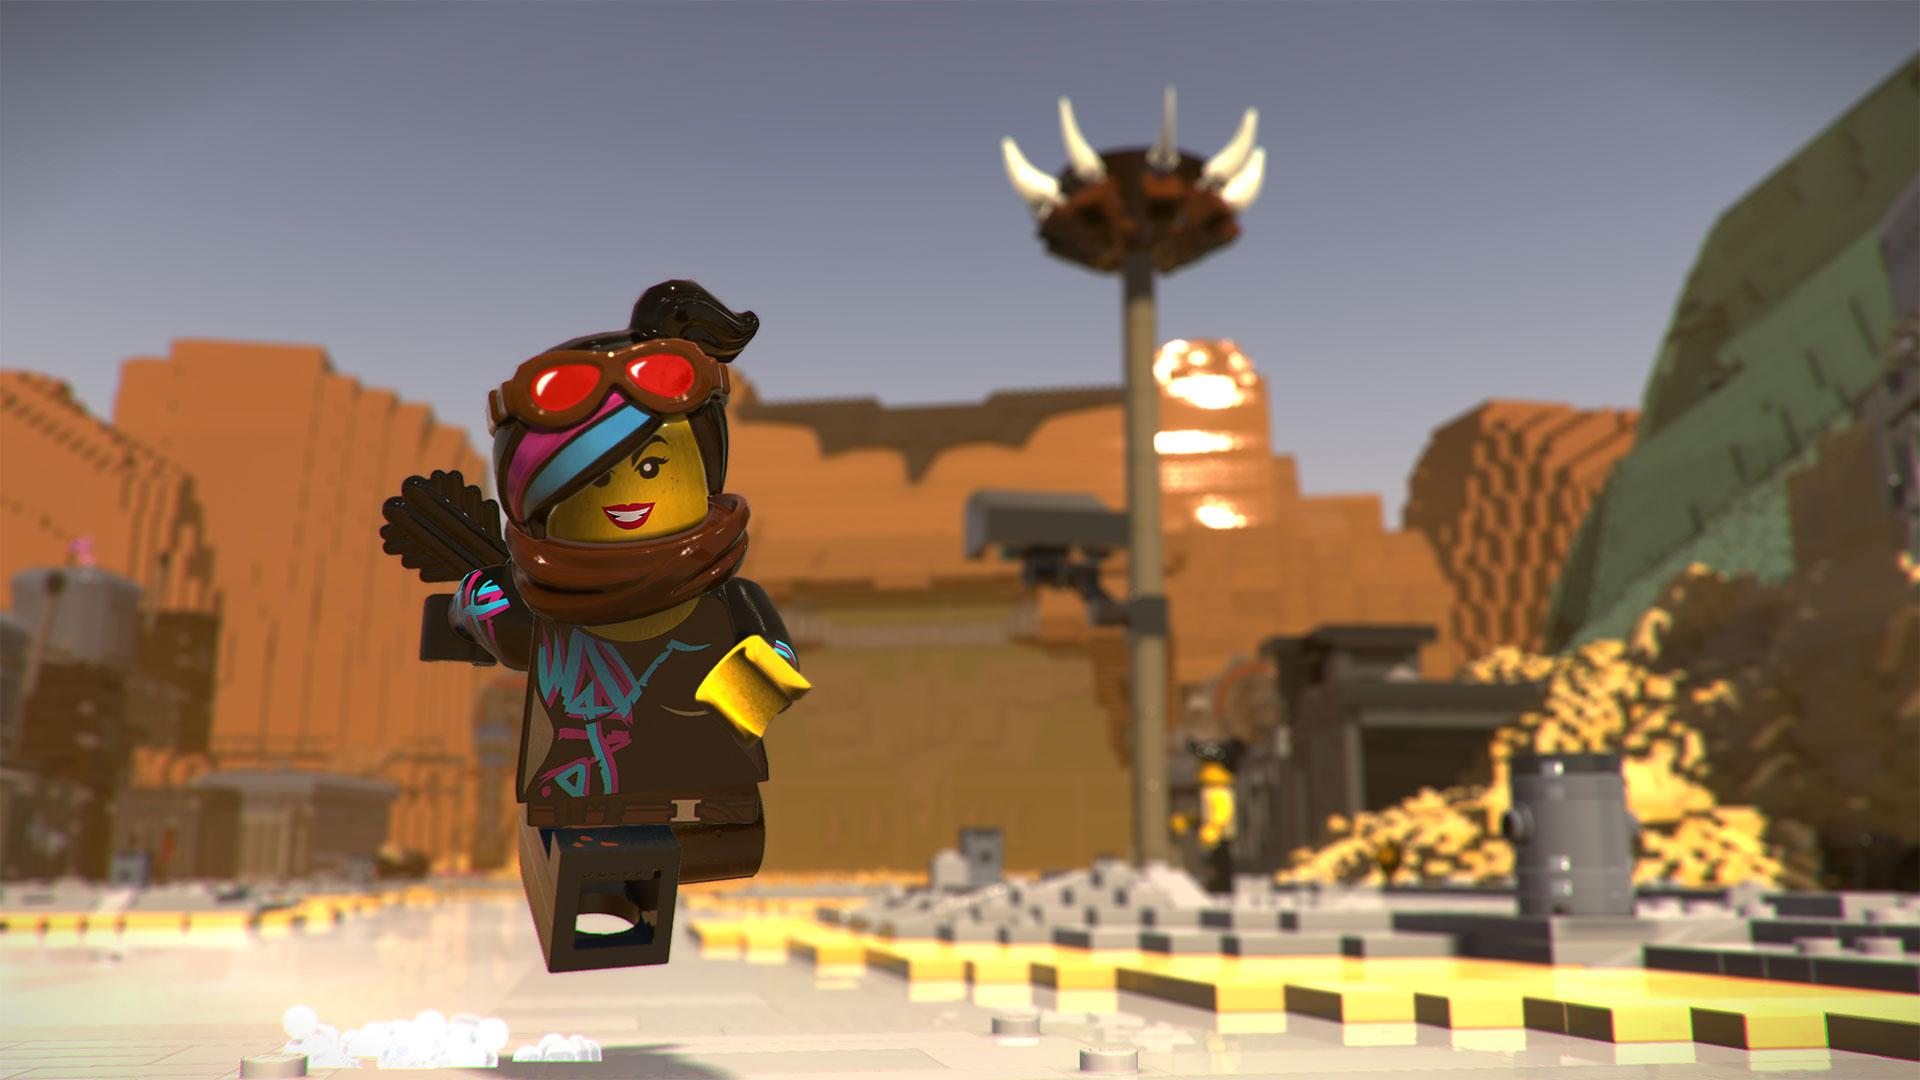 ЛЕГО: Игра по фильму 2 скриншот 2